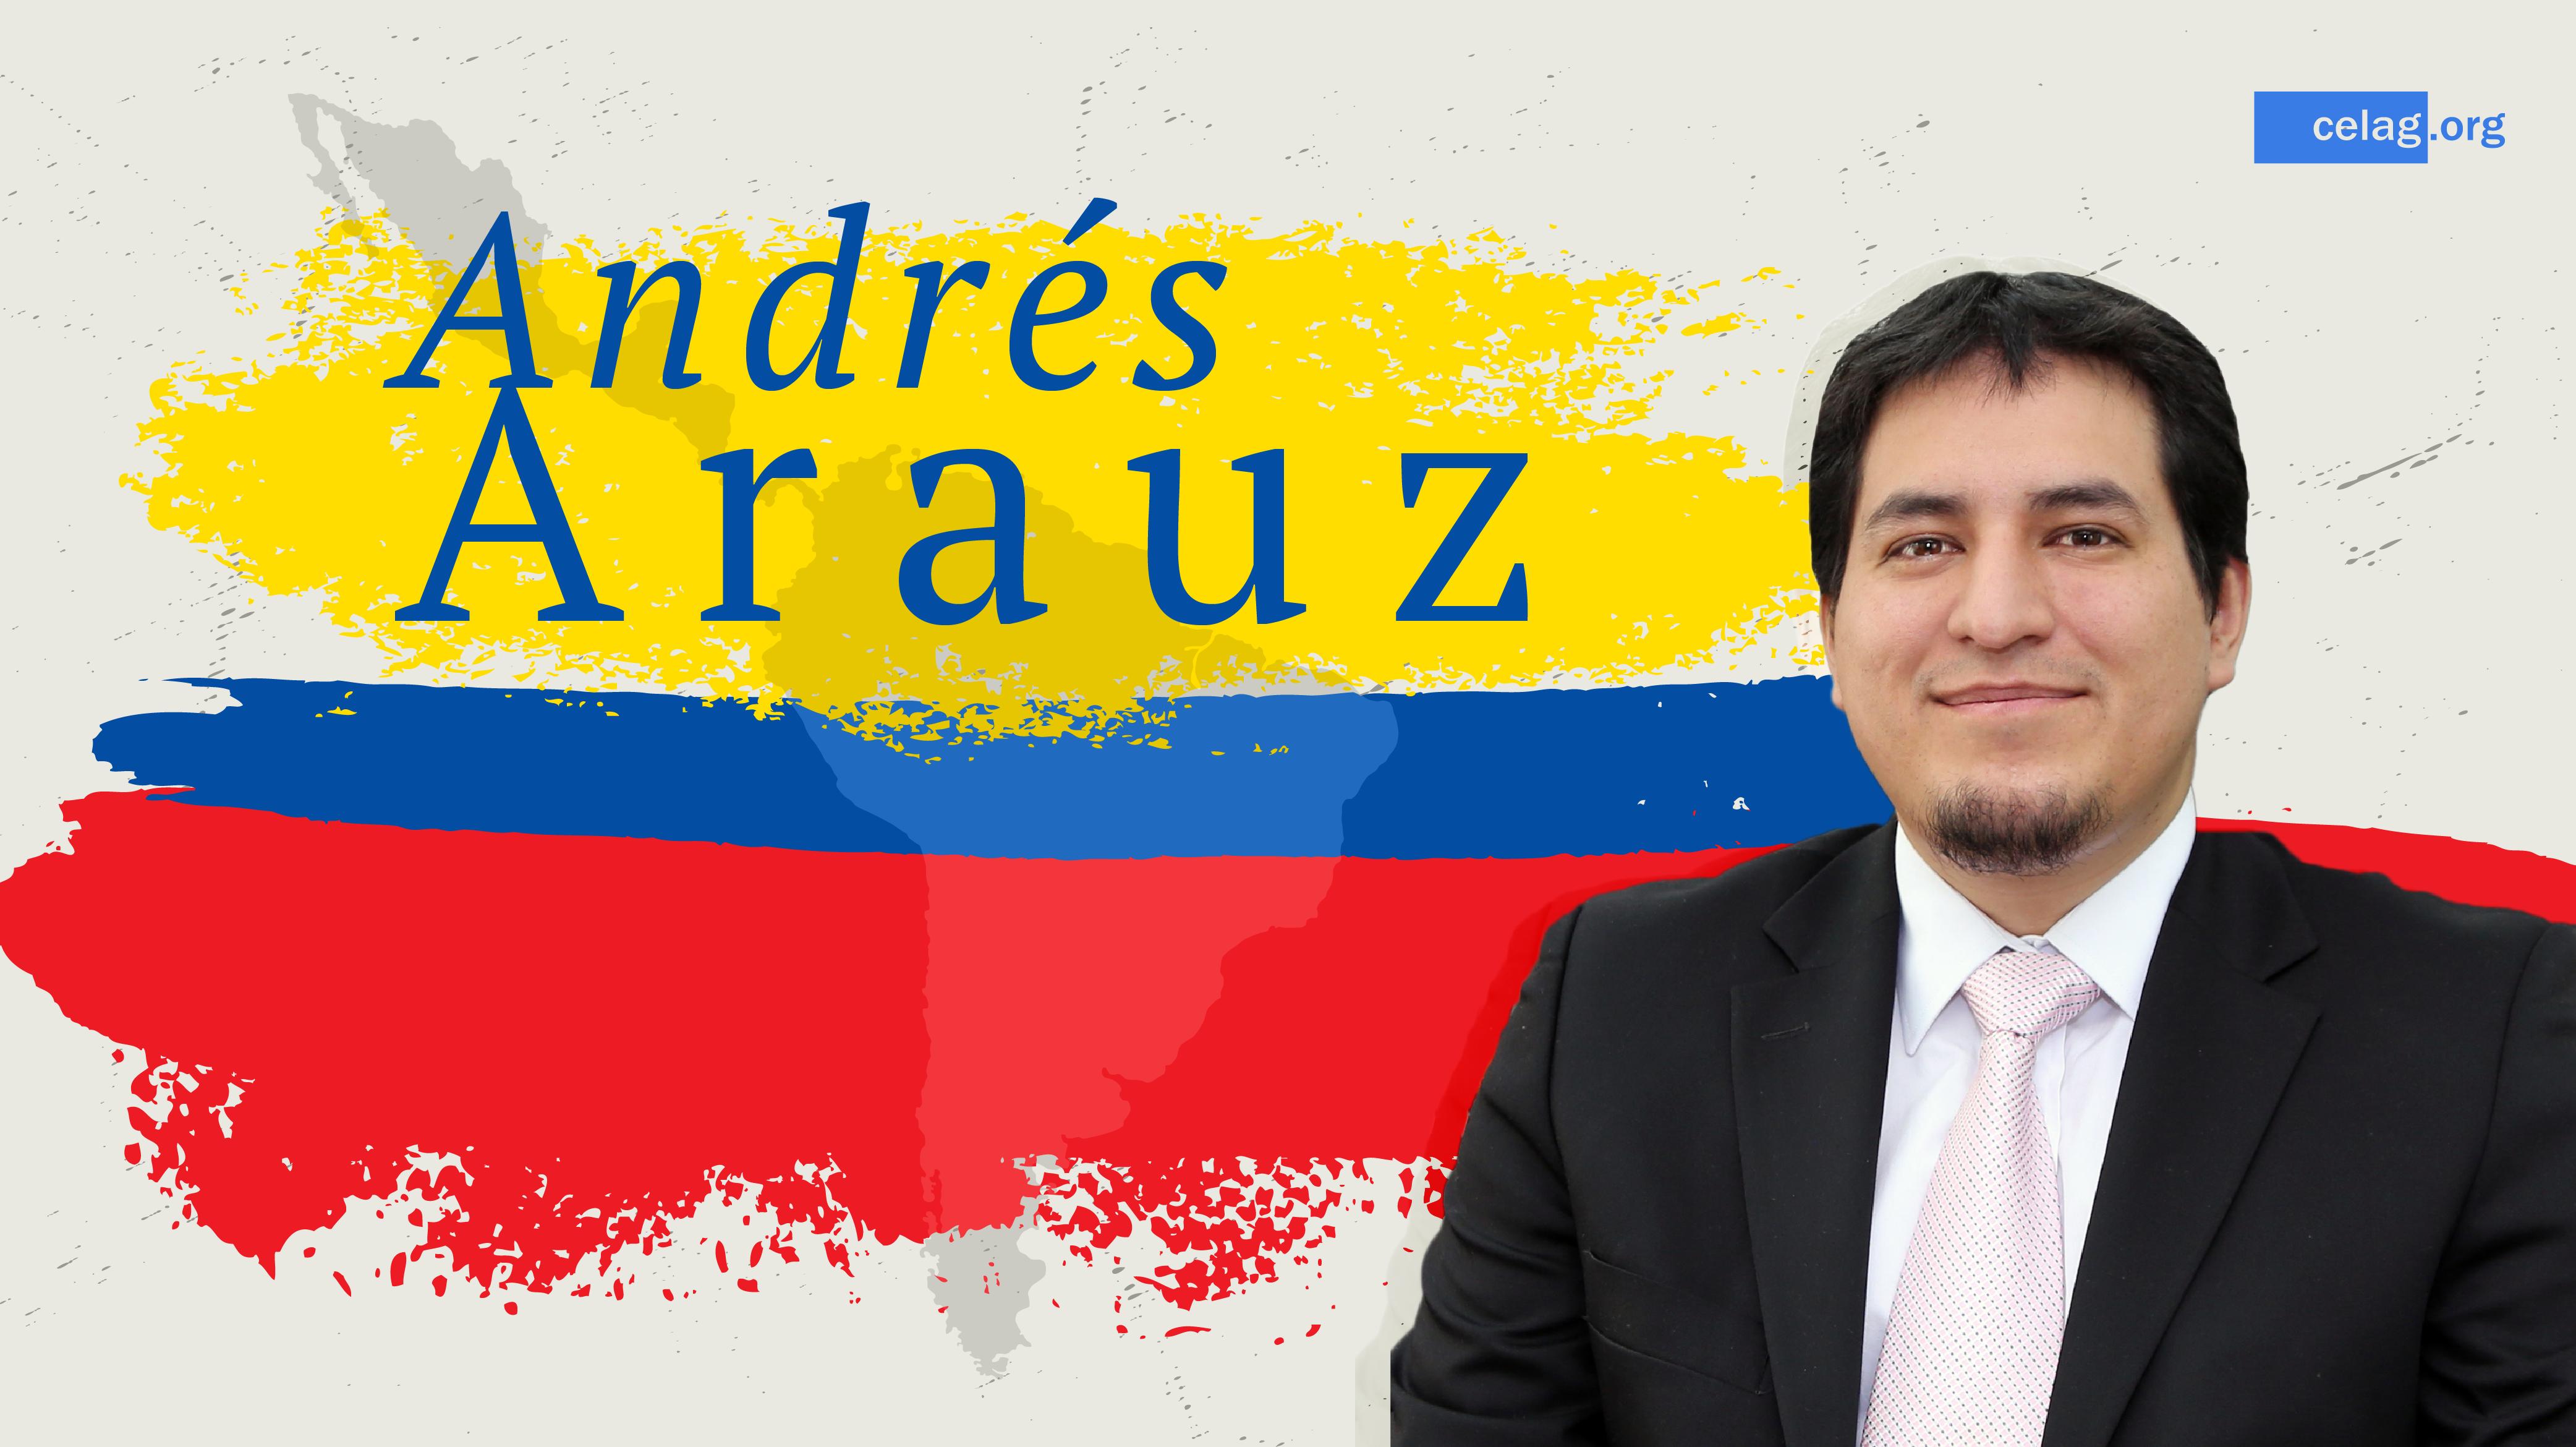 Andrés Arauz se reúne con delegados de la ONU en carácter urgente por amenaza a la democracia en Ecuador